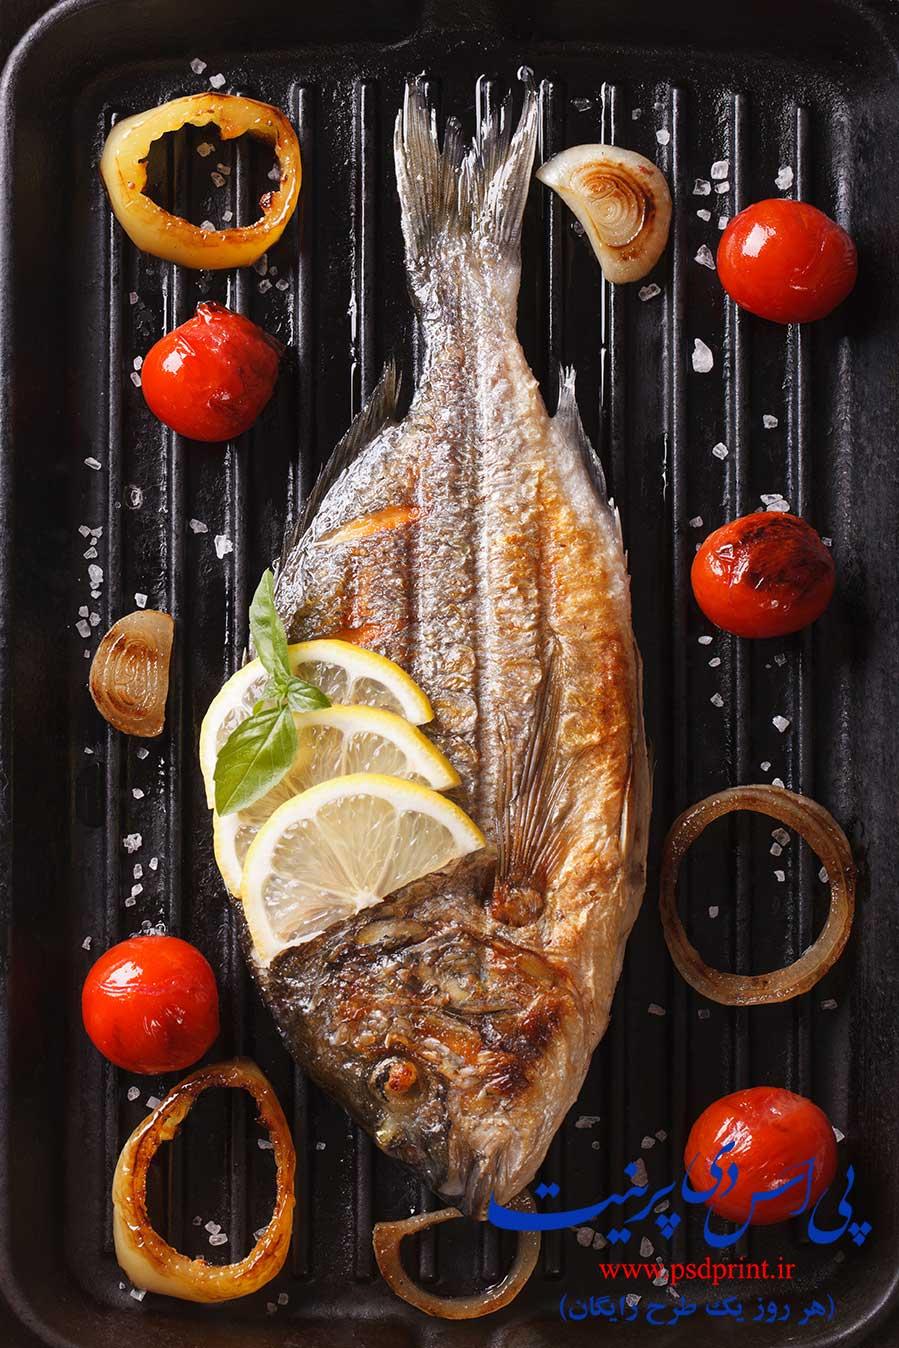 تصاویر ماهی سرخ شده